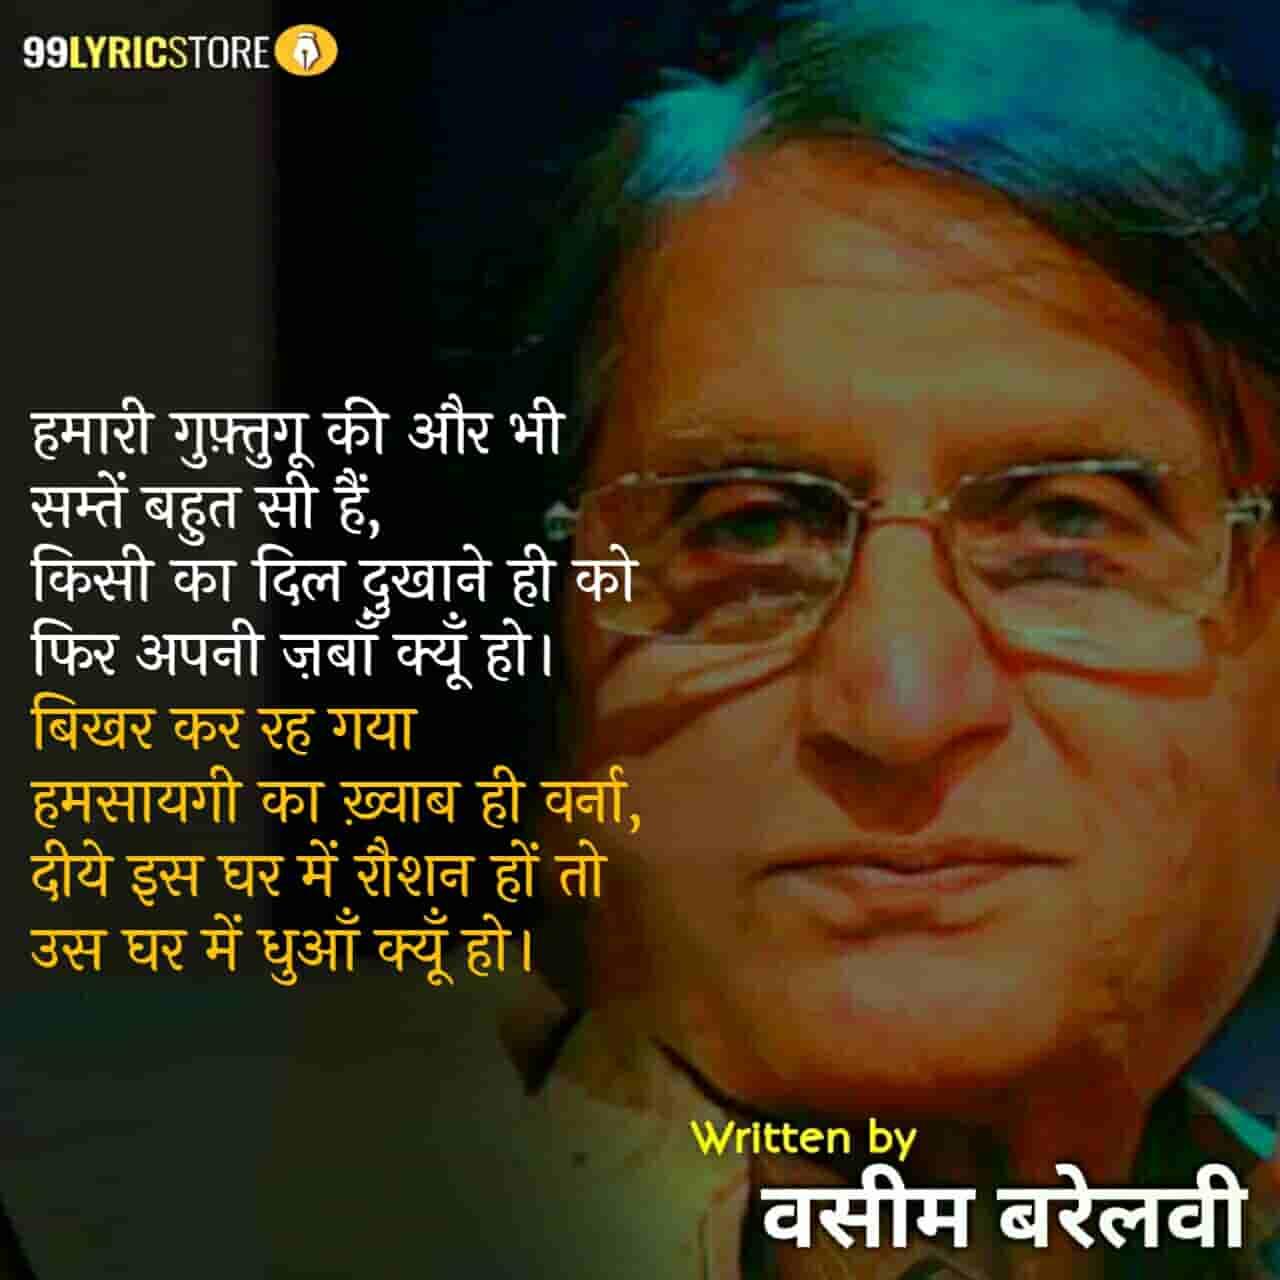 This beautiful Ghazal 'Chalo Hum Hi Pahal Kar De Ki Hum Se' has written by Waseem Barelvi.